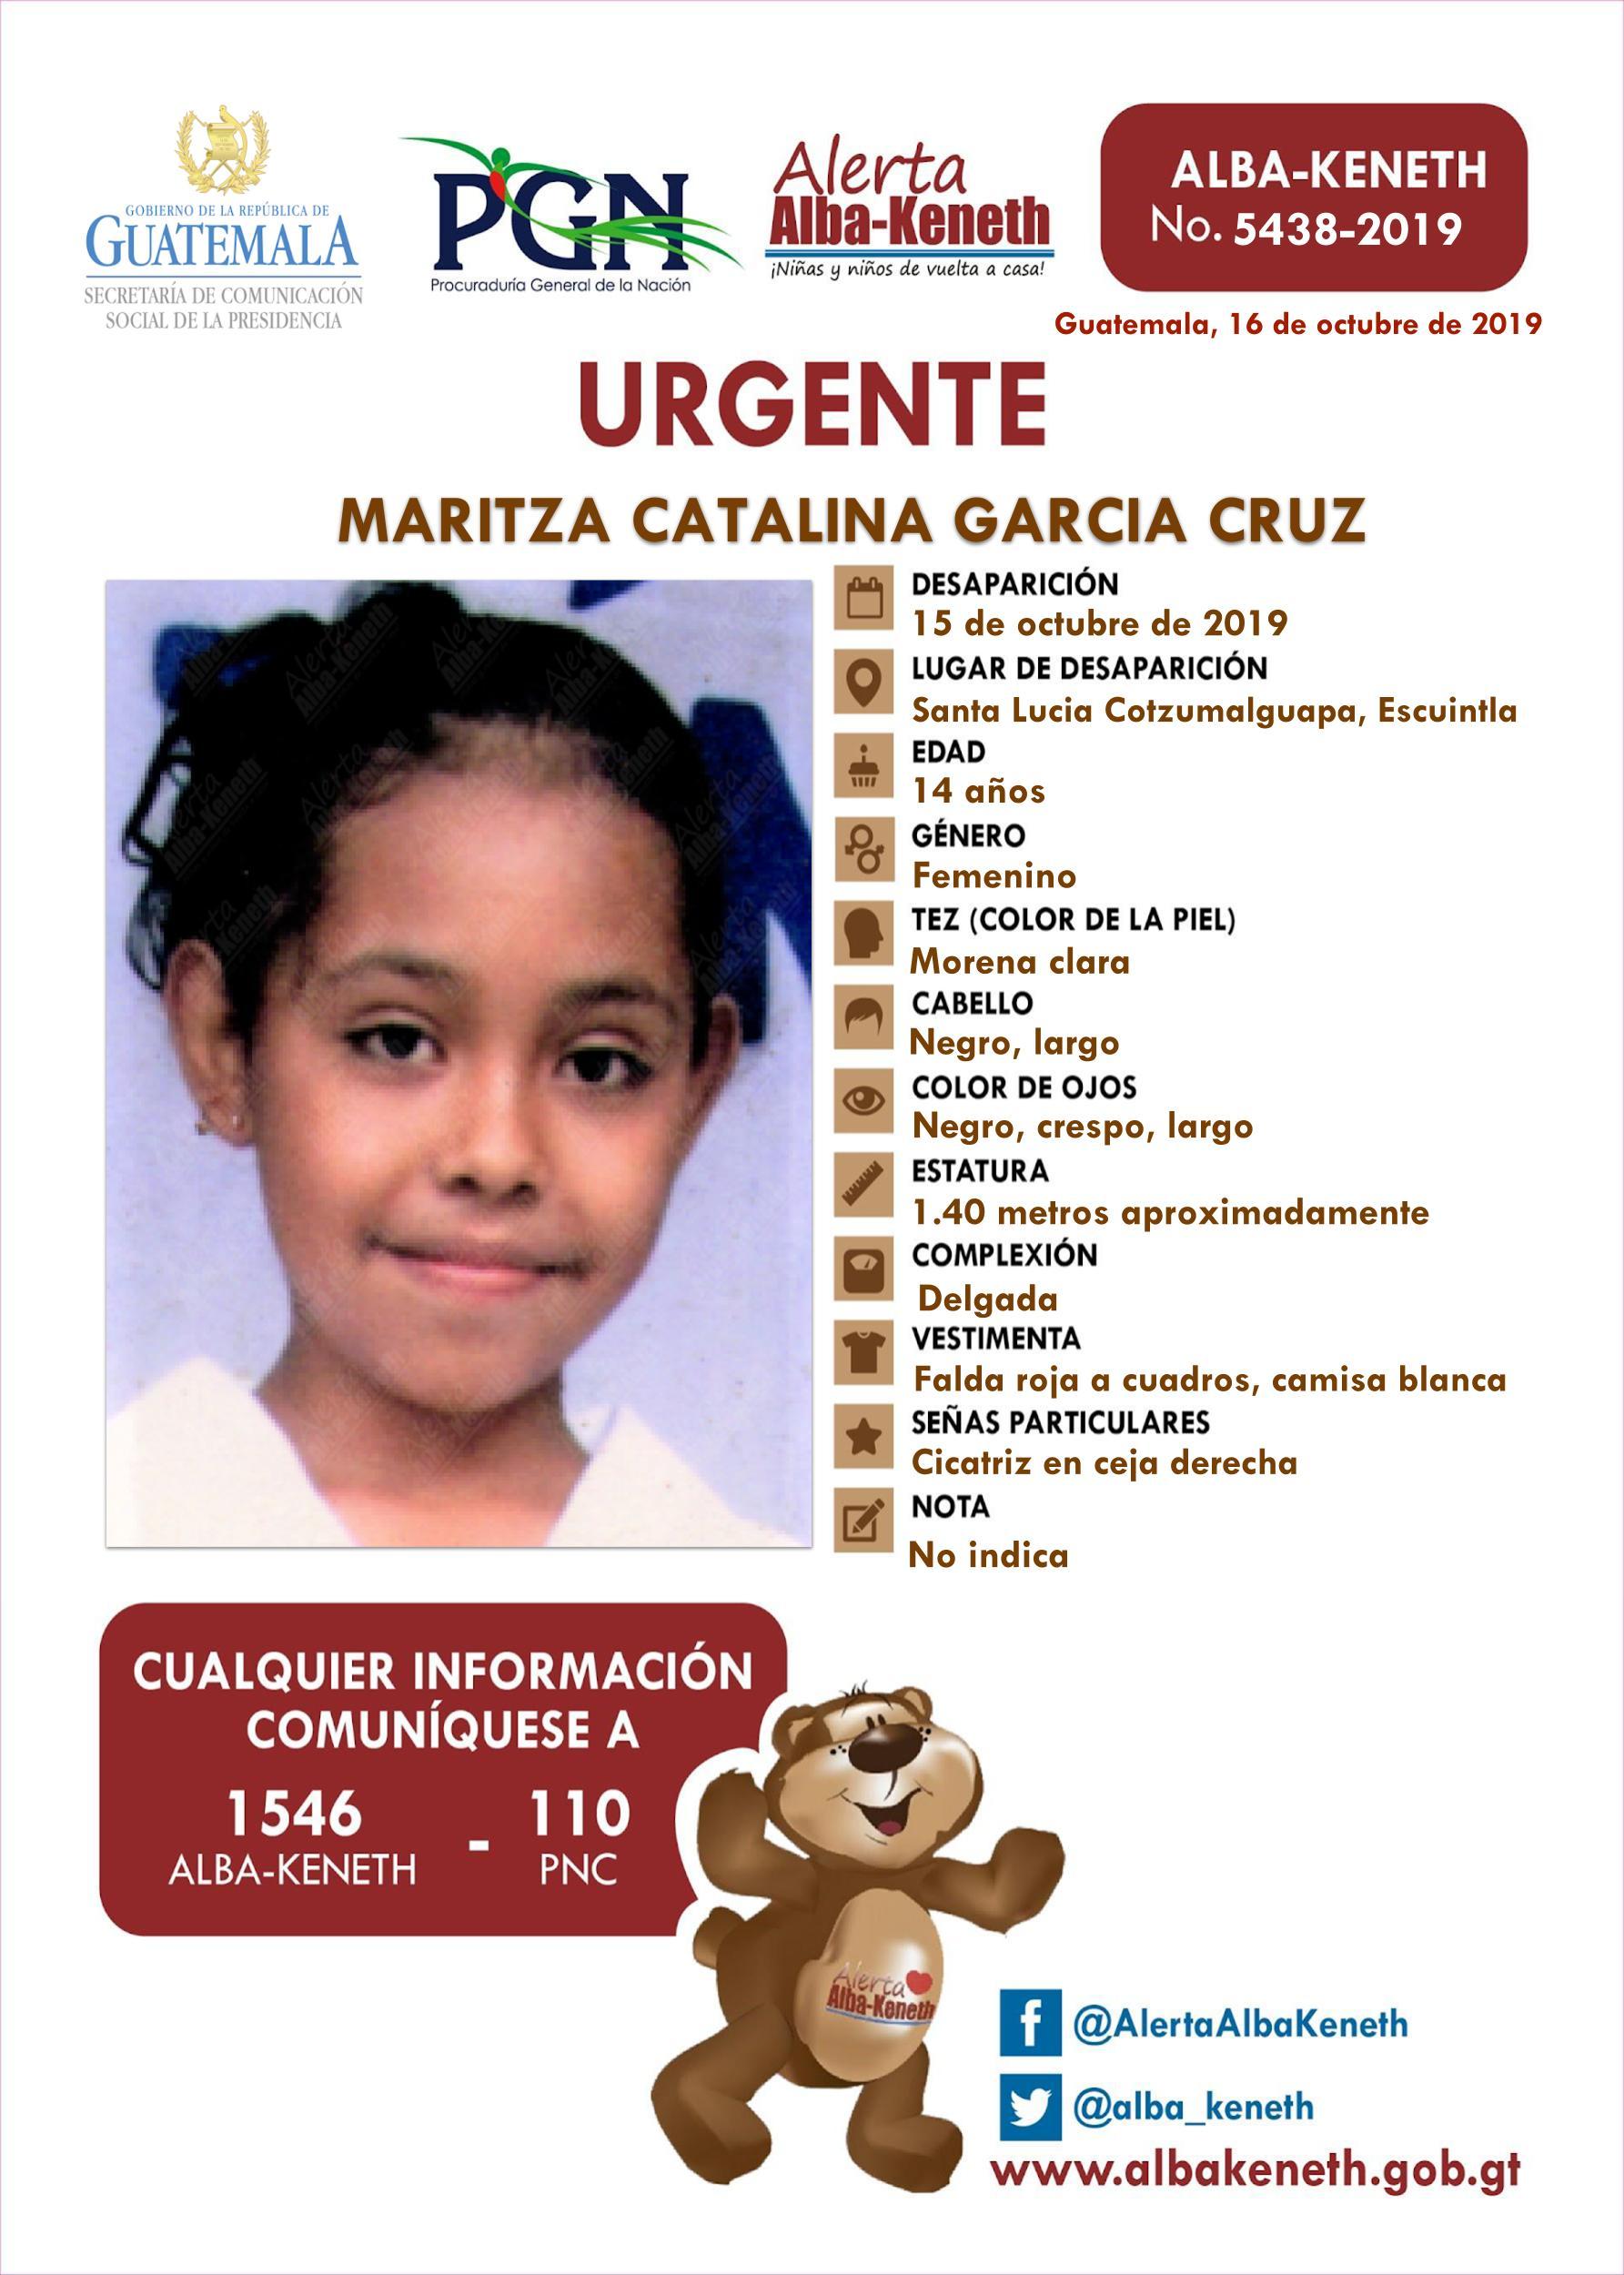 Maritza Catalina Garcia Cruz